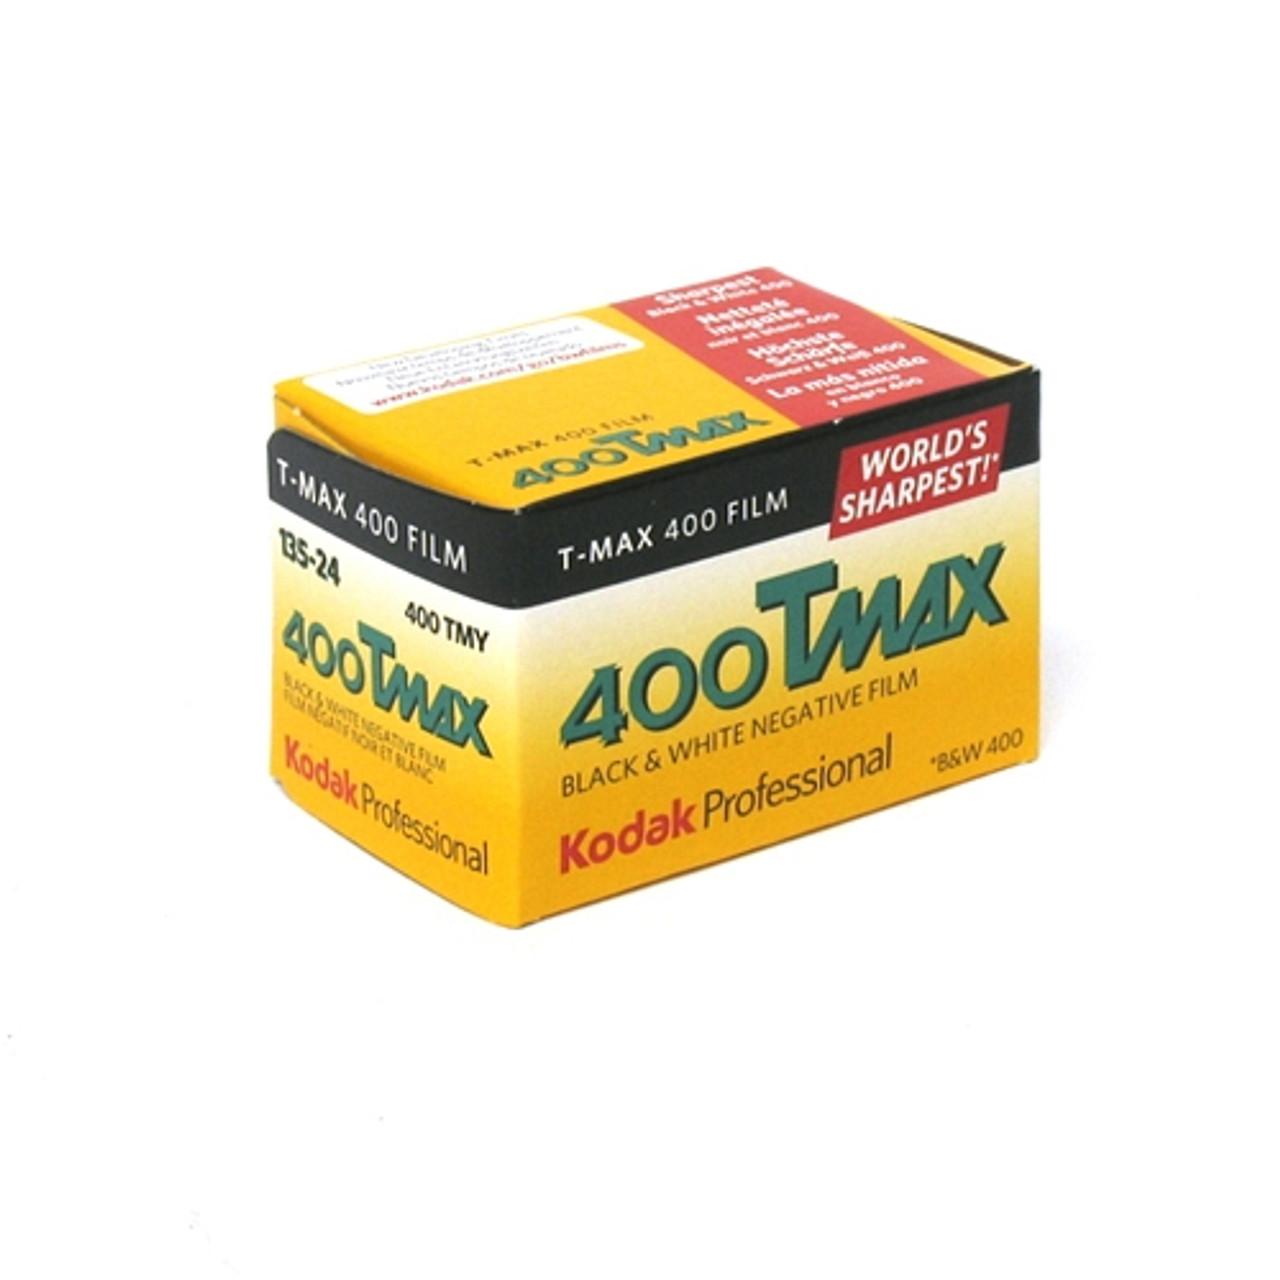 KODAK T-MAX 400 BLACK & WHITE FILM